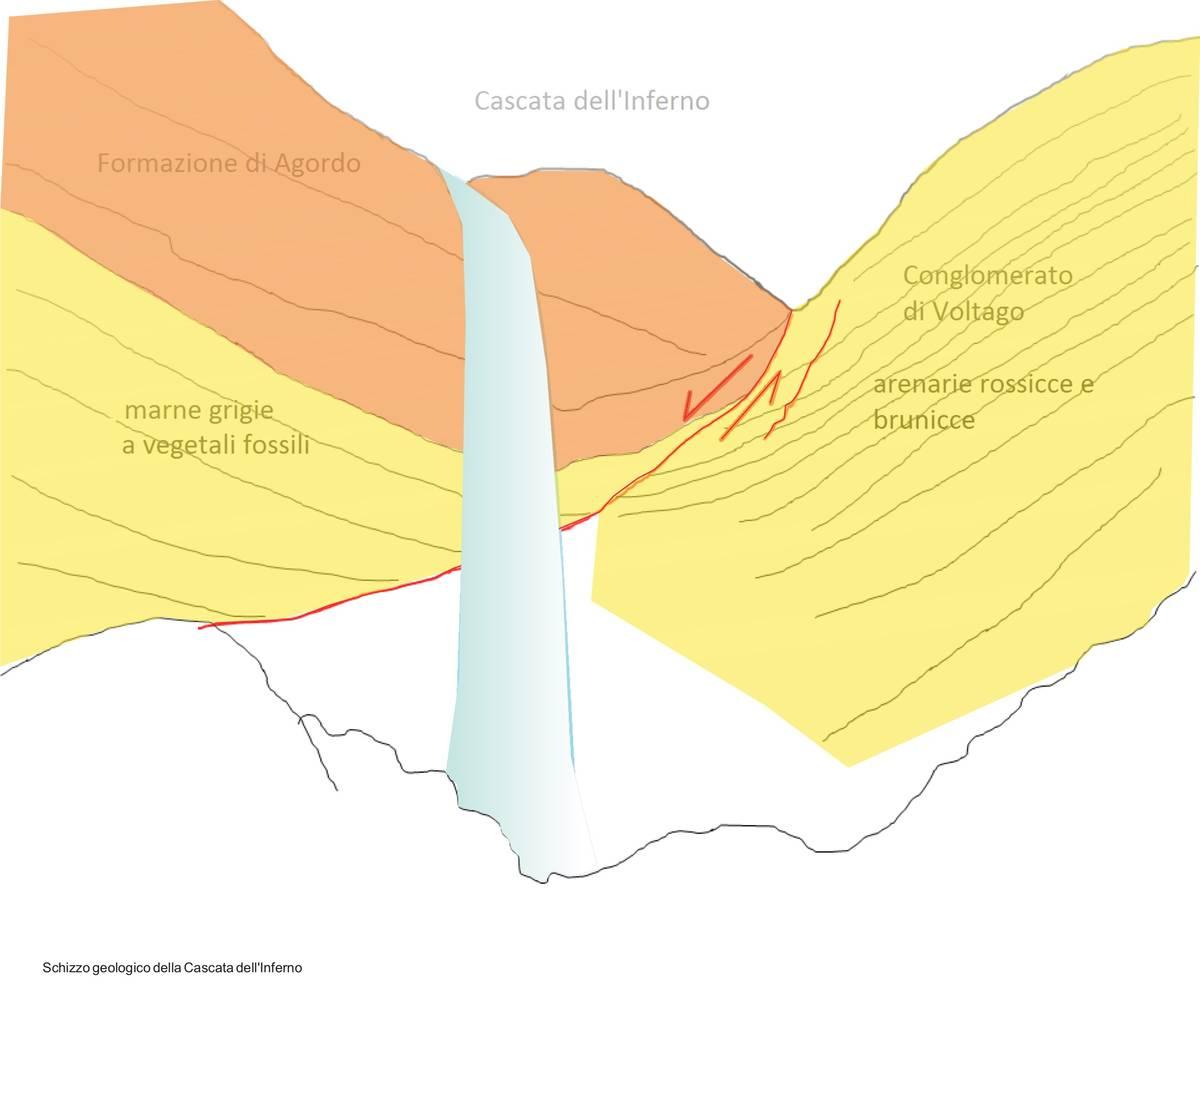 Schizzo geologico dell'area della Cascata dell'Inferno (dis. D.G.)